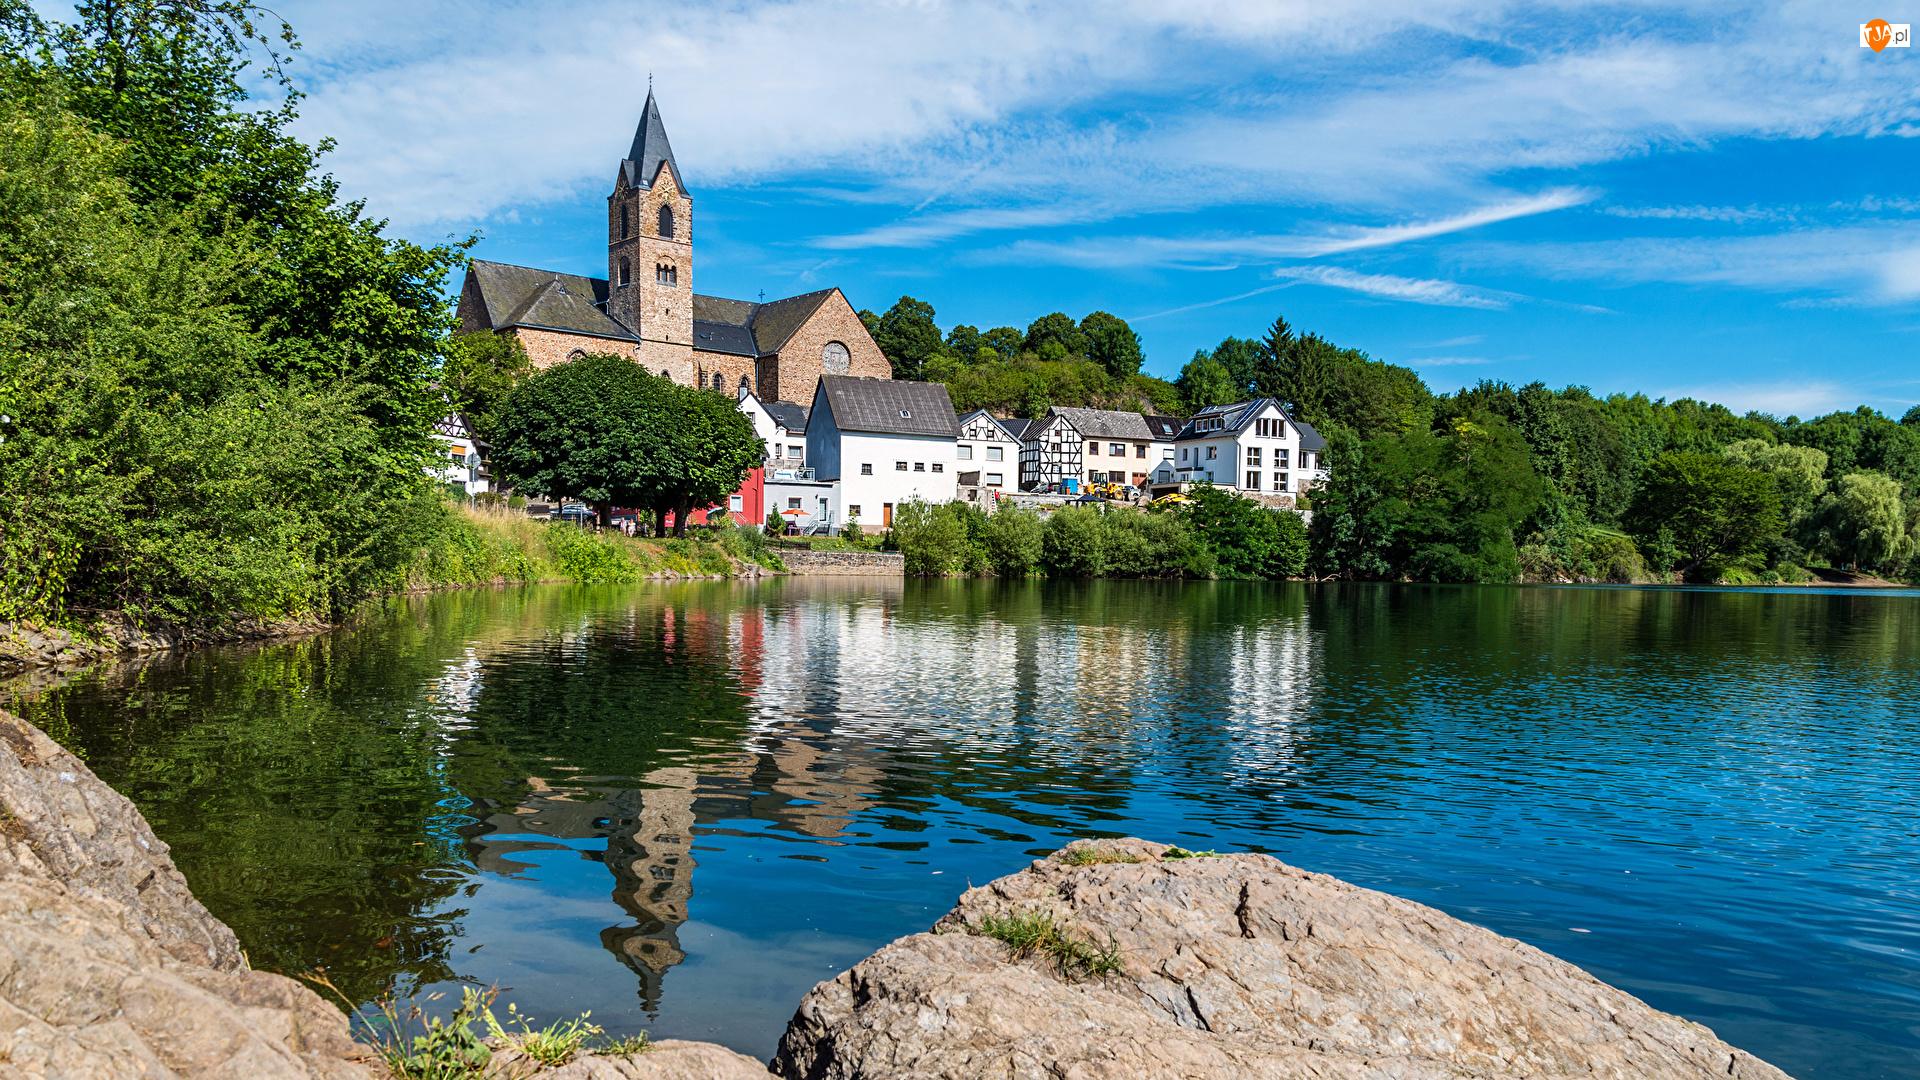 Nadrenia-Palatynat, Miasto Ulmen, Odbicie, Niemcy, Jezioro, Kościół, Domy